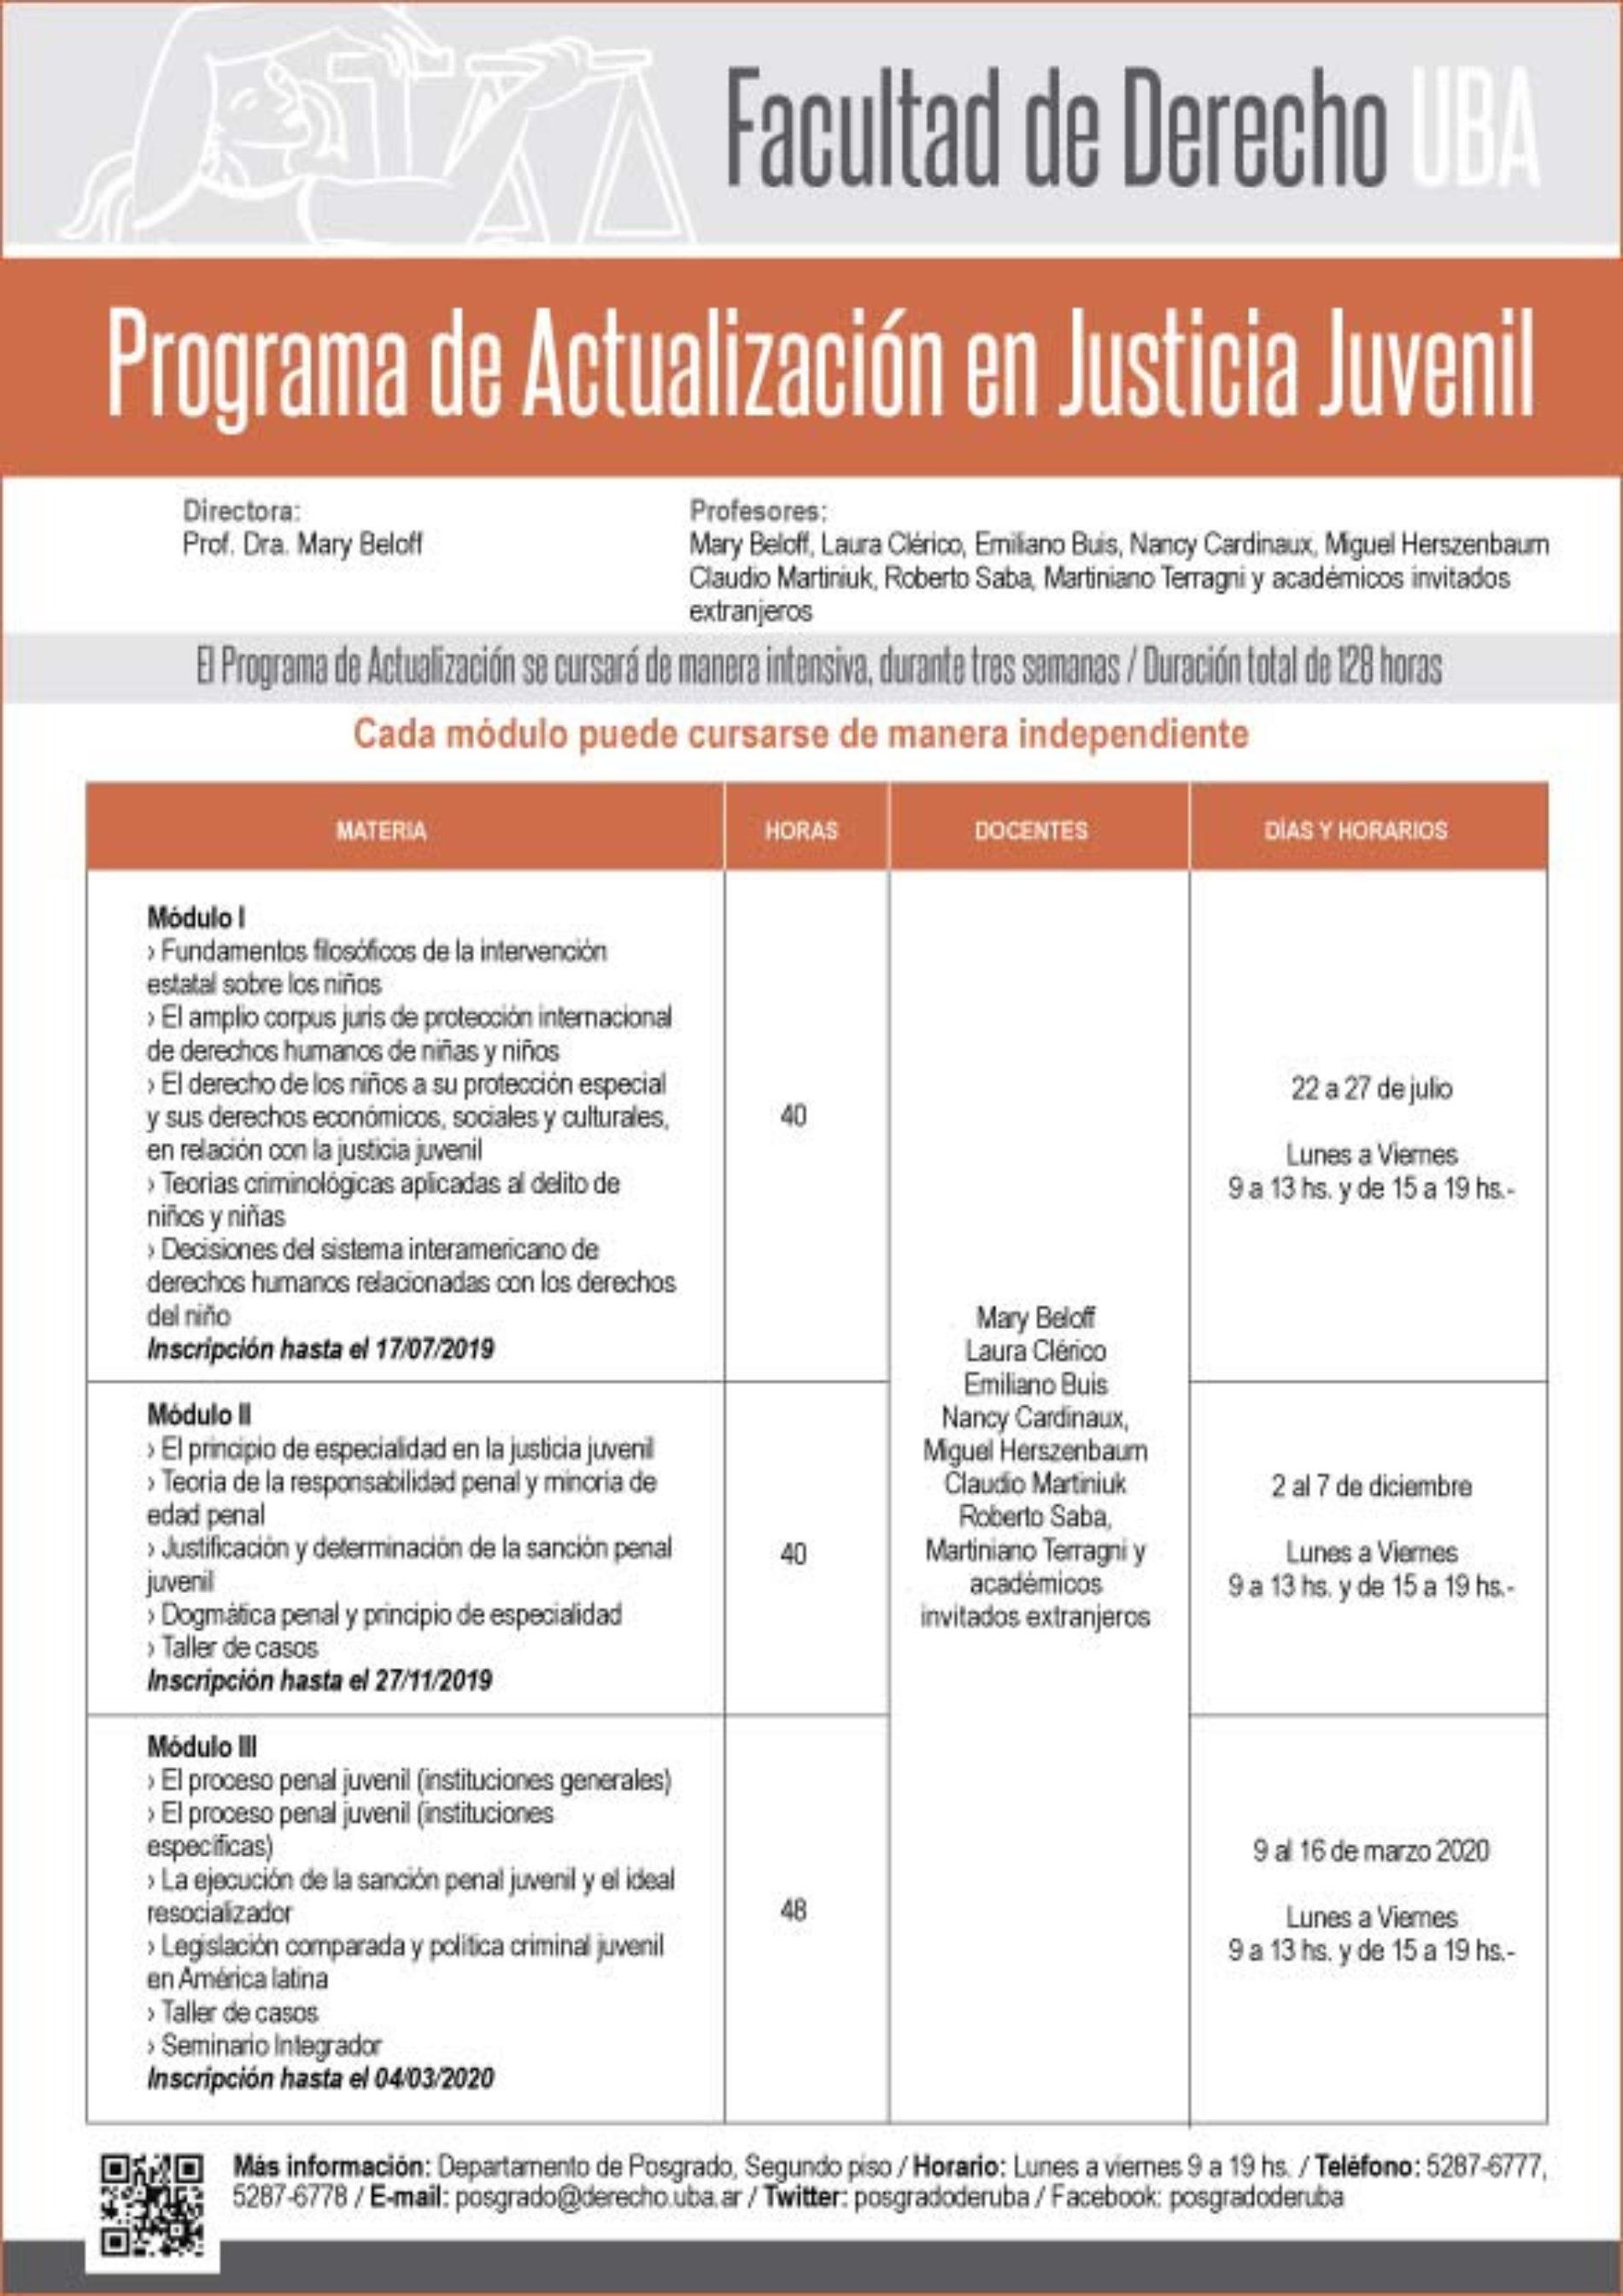 Programa de actualización en Justicia Juvenil